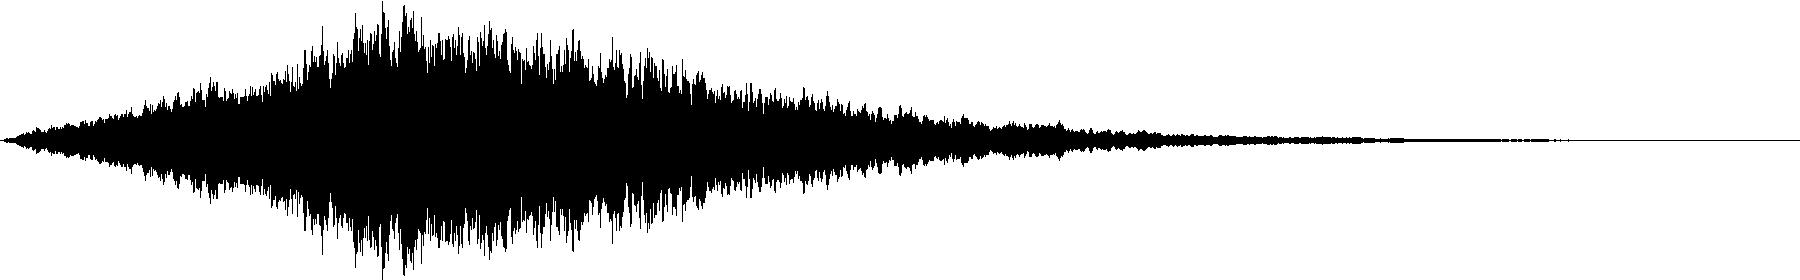 vfx1 atmos 20